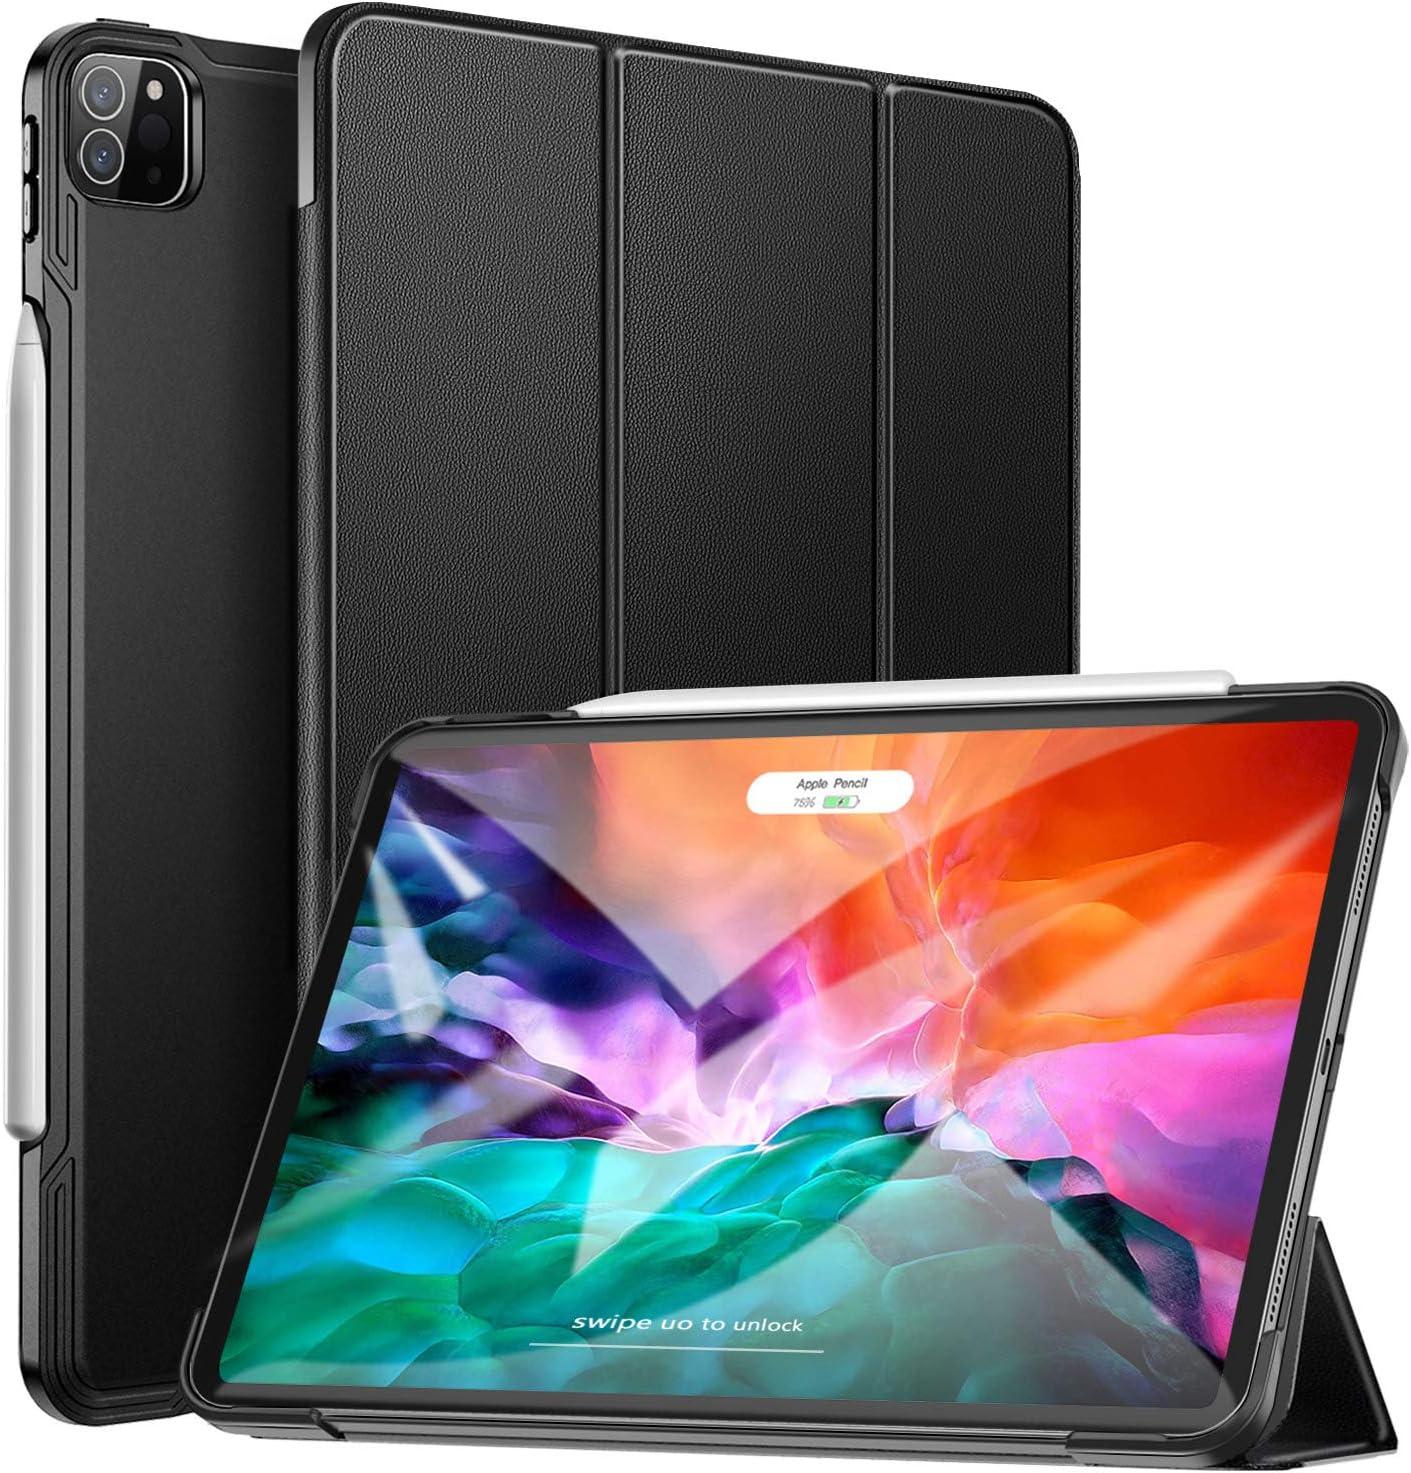 ZtotopCase Funda para iPad Pro 12.9 2020,Cubierta Trasera Smart Cover con Triple Soporte con Auto Reposo/Activación Función para iPad Pro 12,9 2020(Soporta Cargar iPad Pencil), Negro